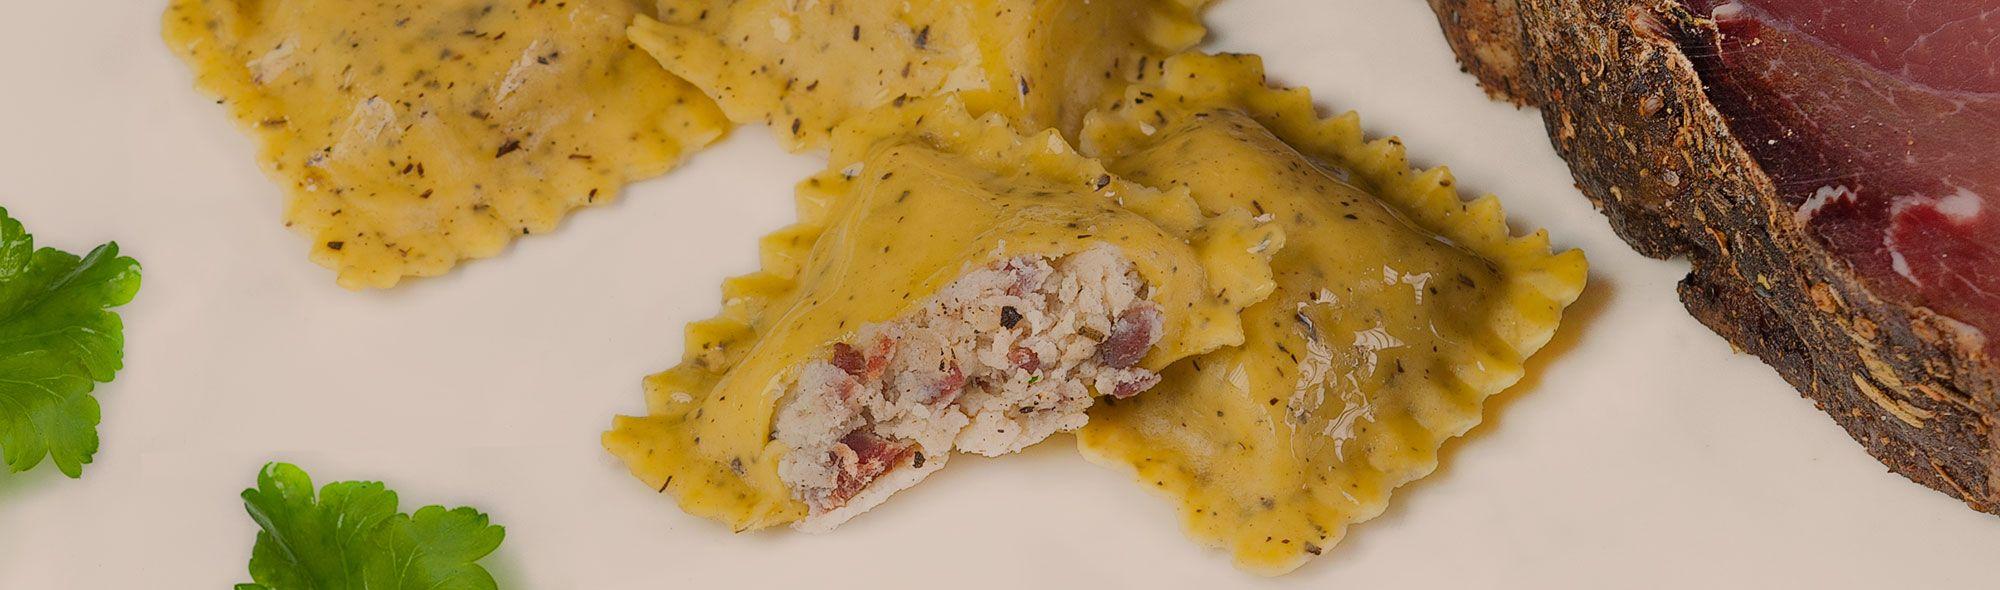 quadrotti di pasta fresca all'uovo con speck